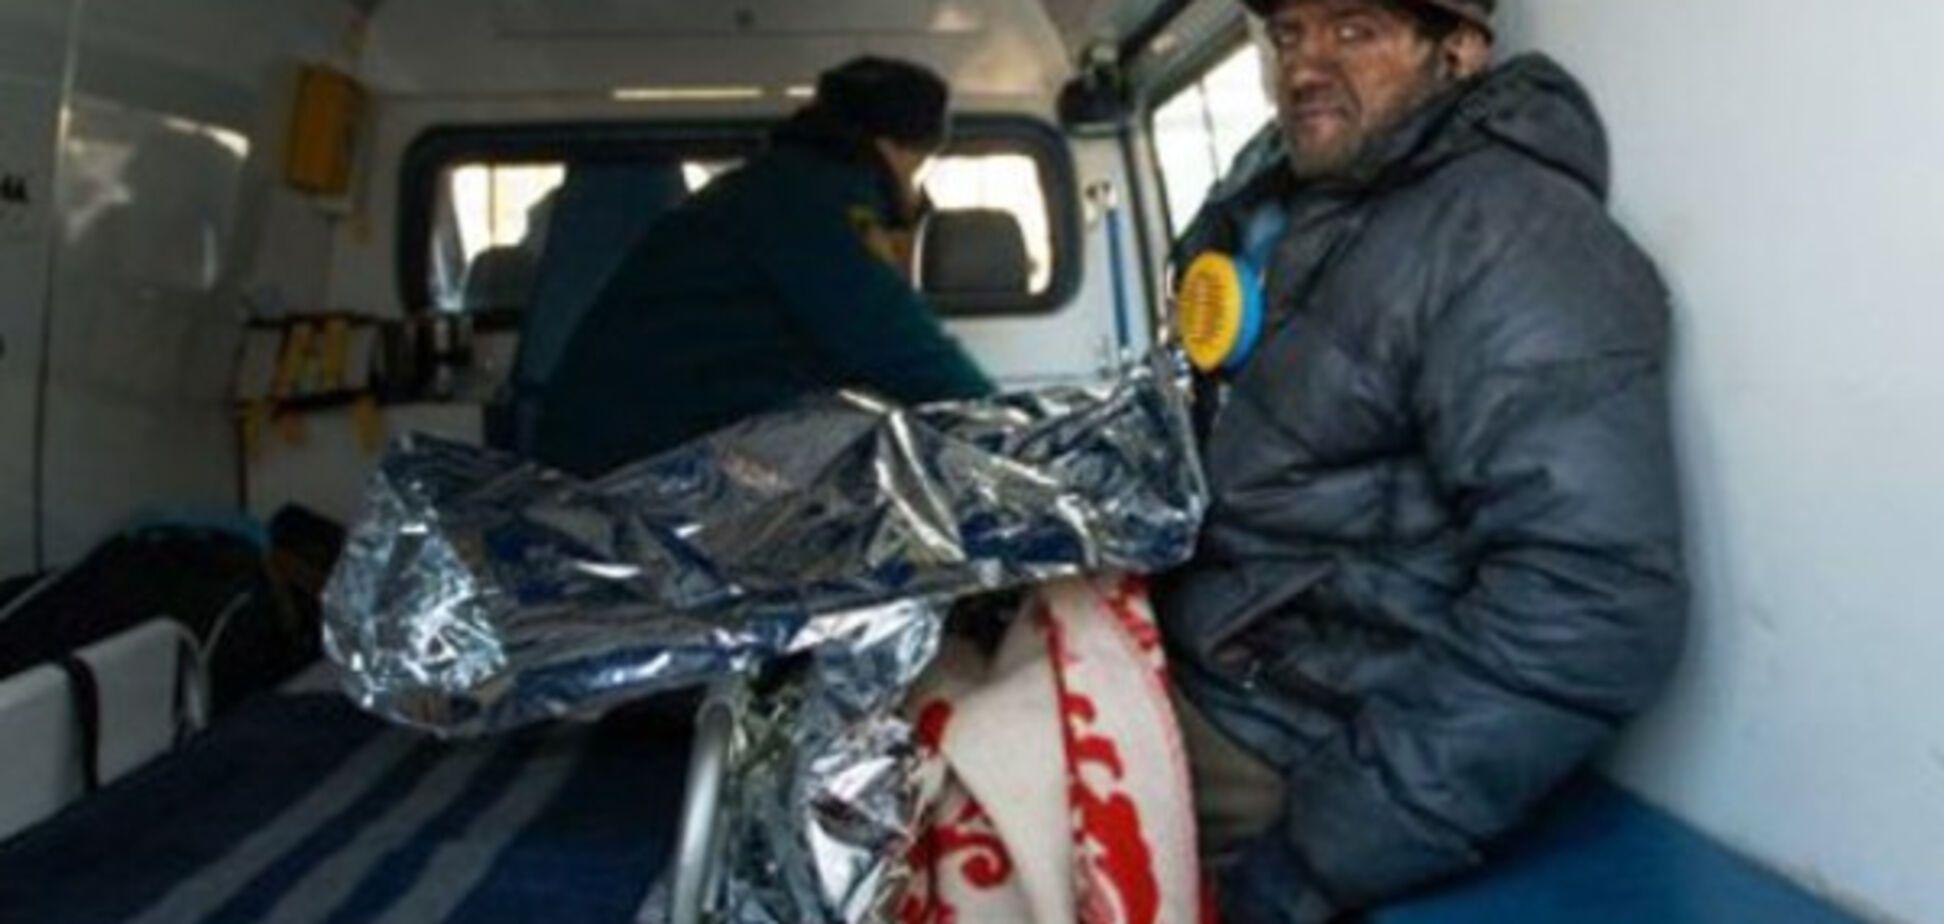 Багато порушень: названа головна причина смертельного вибуху на шахті 'Степовій'